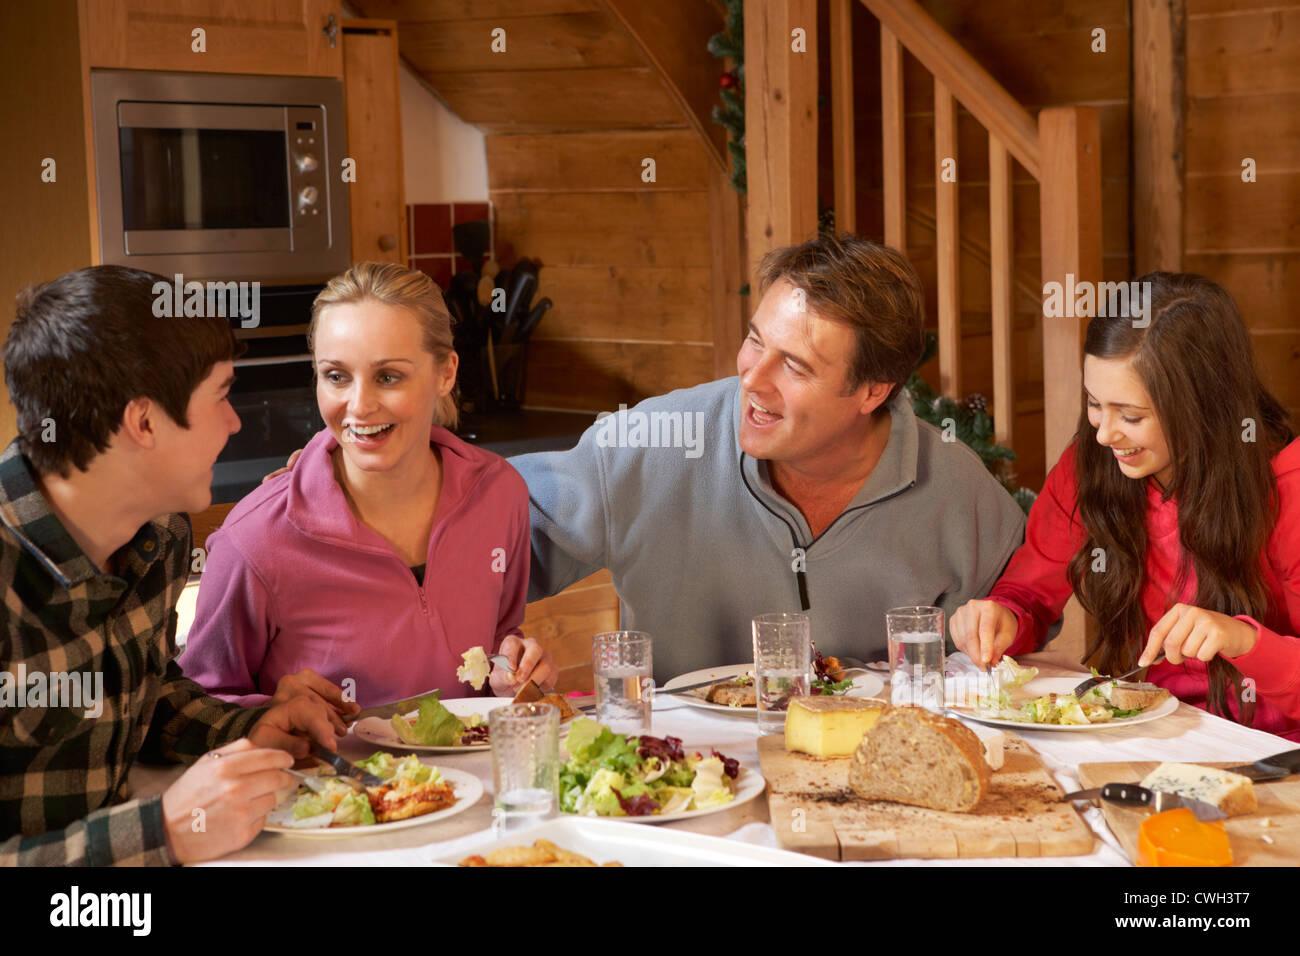 Les repas en famille dans la région de Alpine Chalet Ensemble Photo Stock